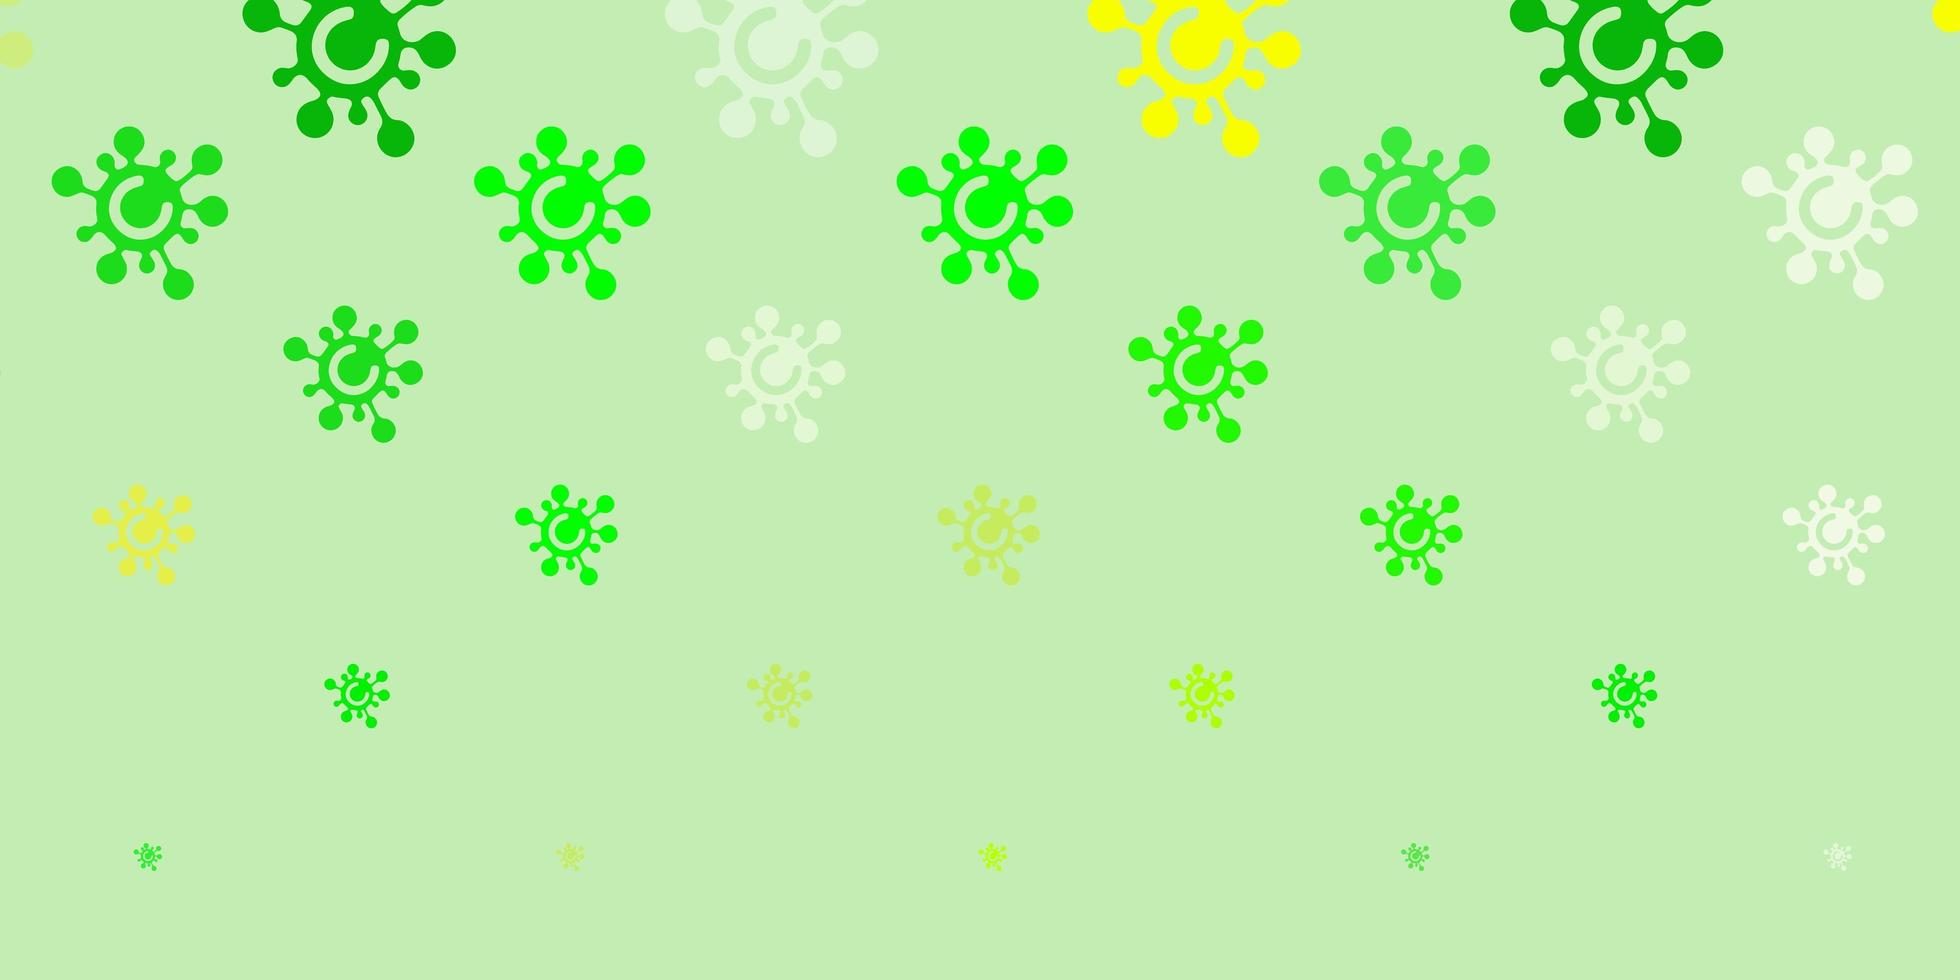 Fondo de vector verde claro, amarillo con símbolos de virus.